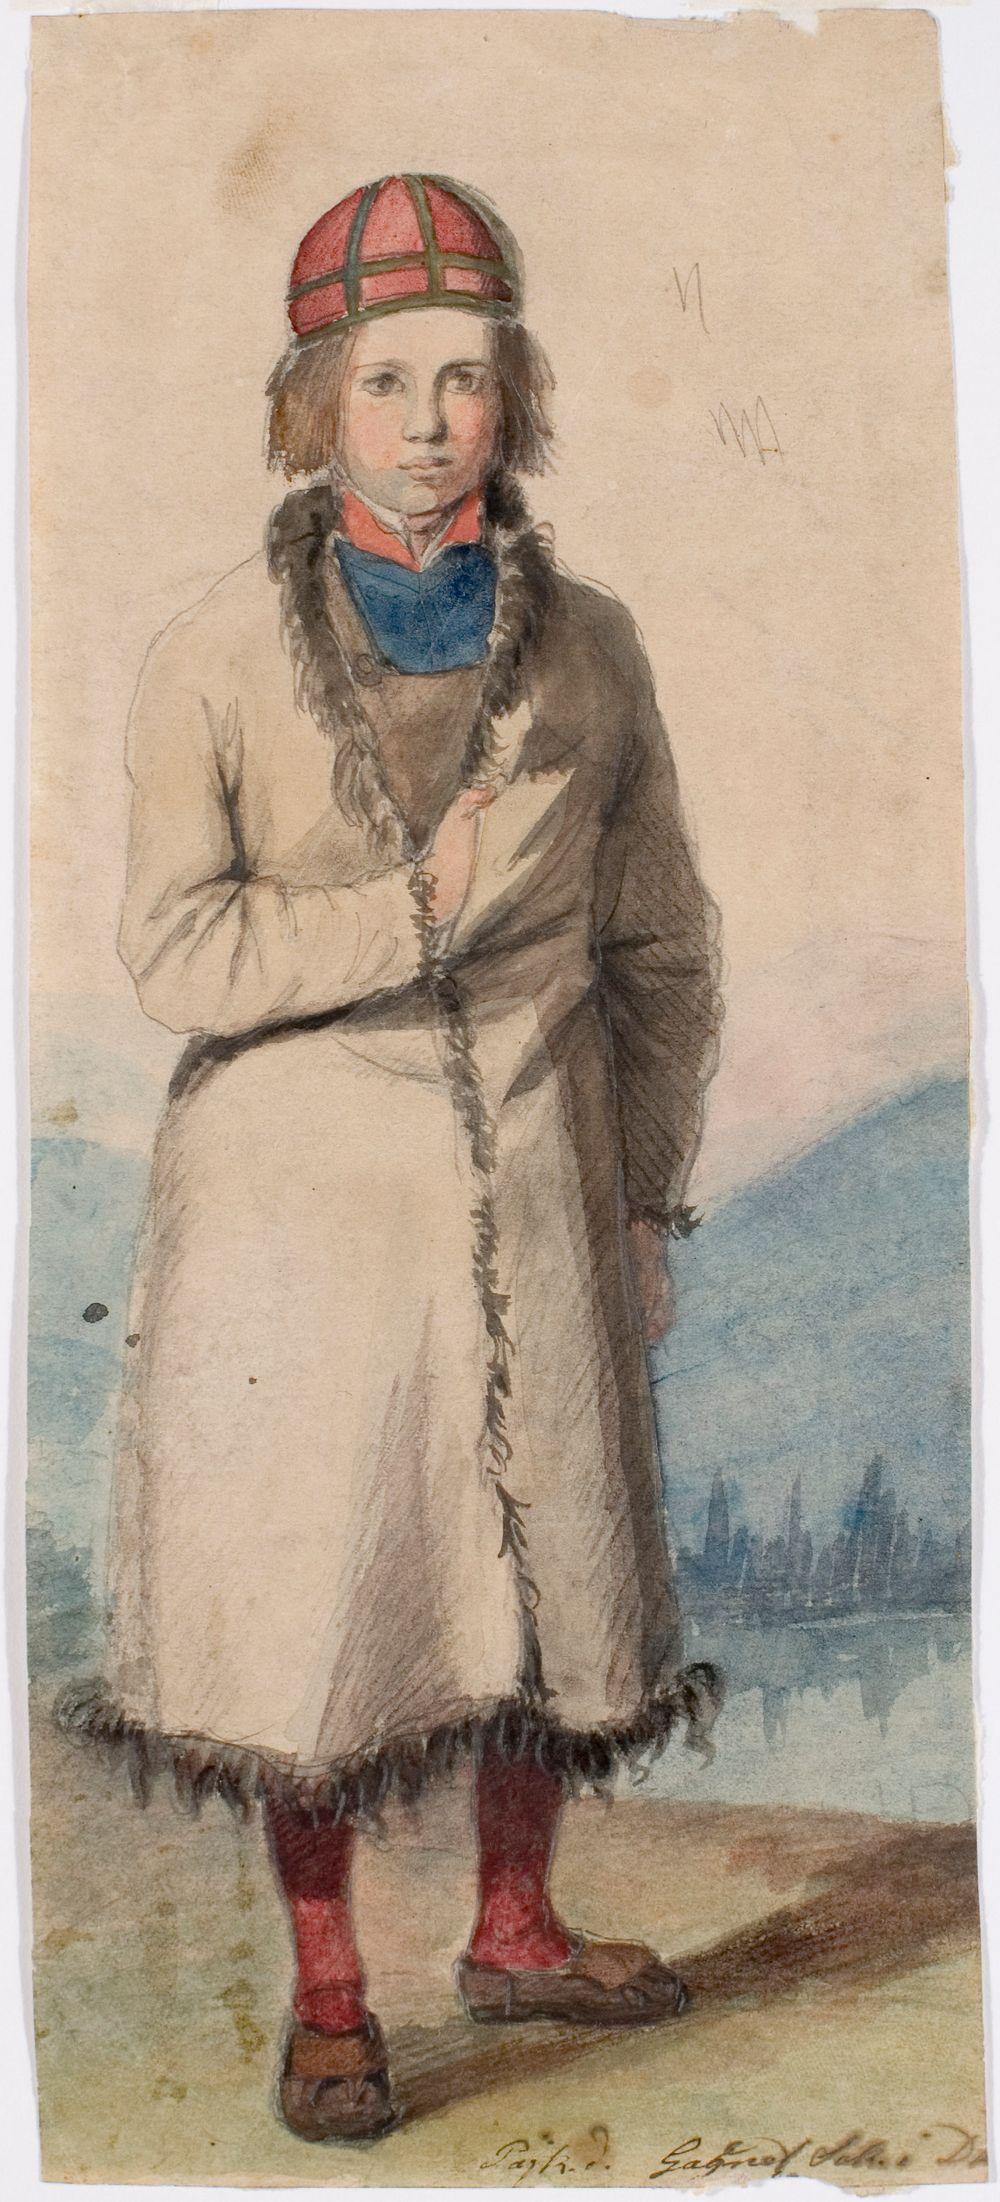 Seisova poika taalalaisturkissa, taustalla maisema